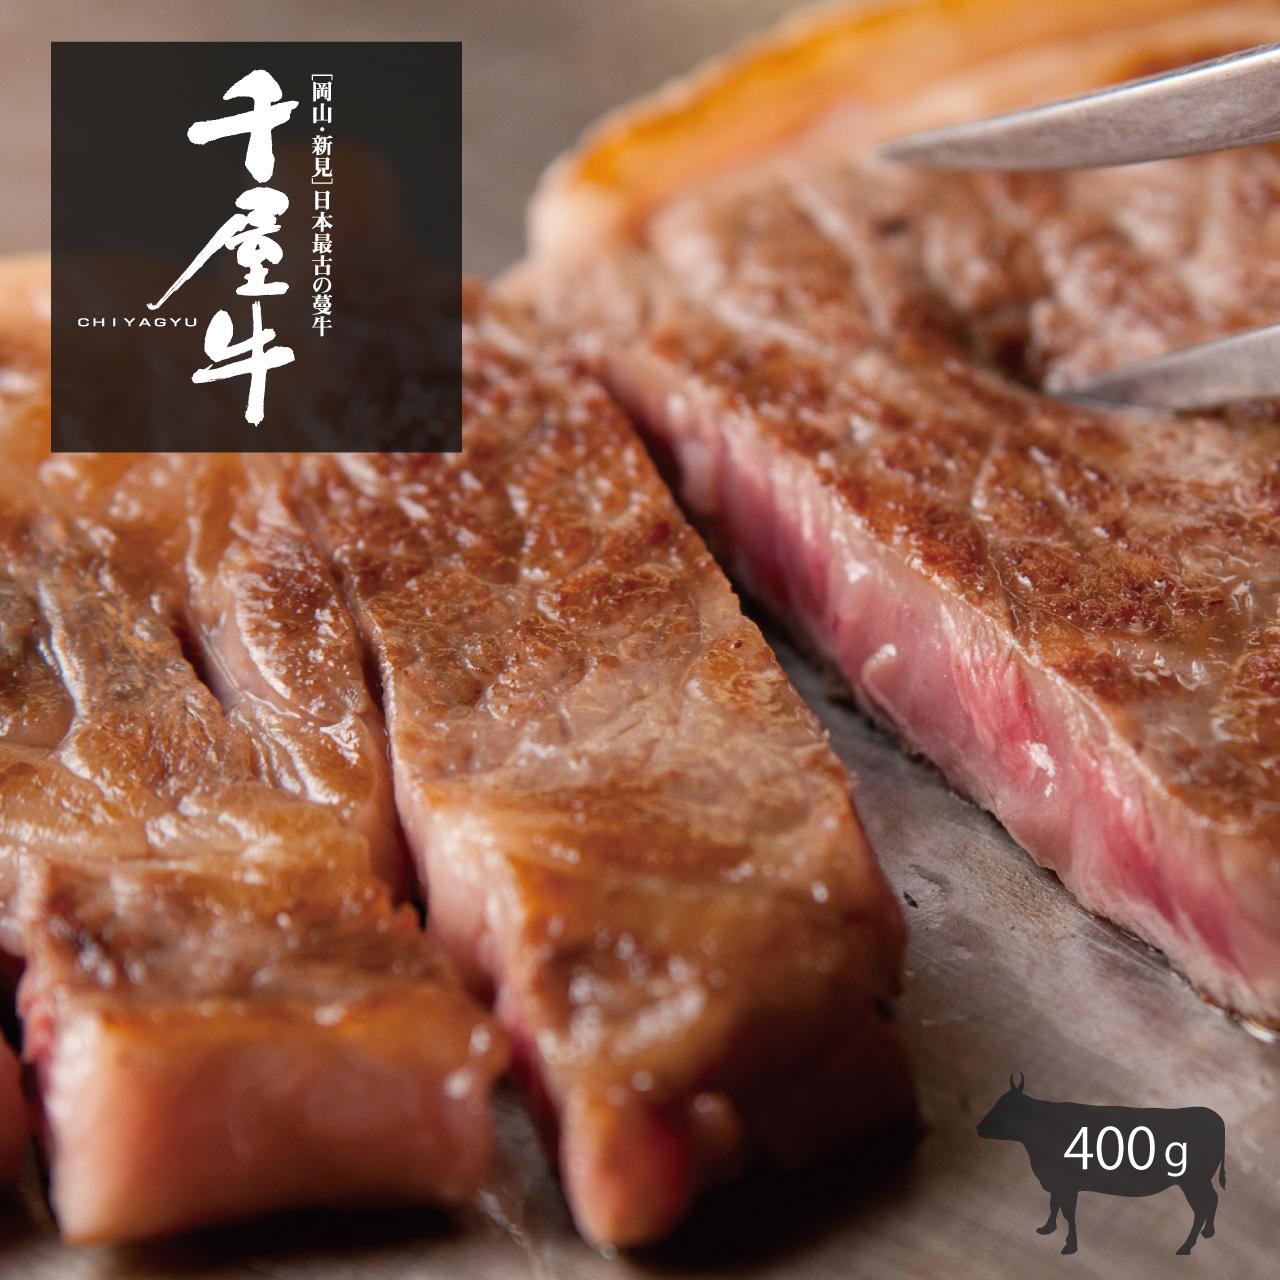 千屋牛A4等級ステーキ 2種食べ比べギフト400g【送料無料】